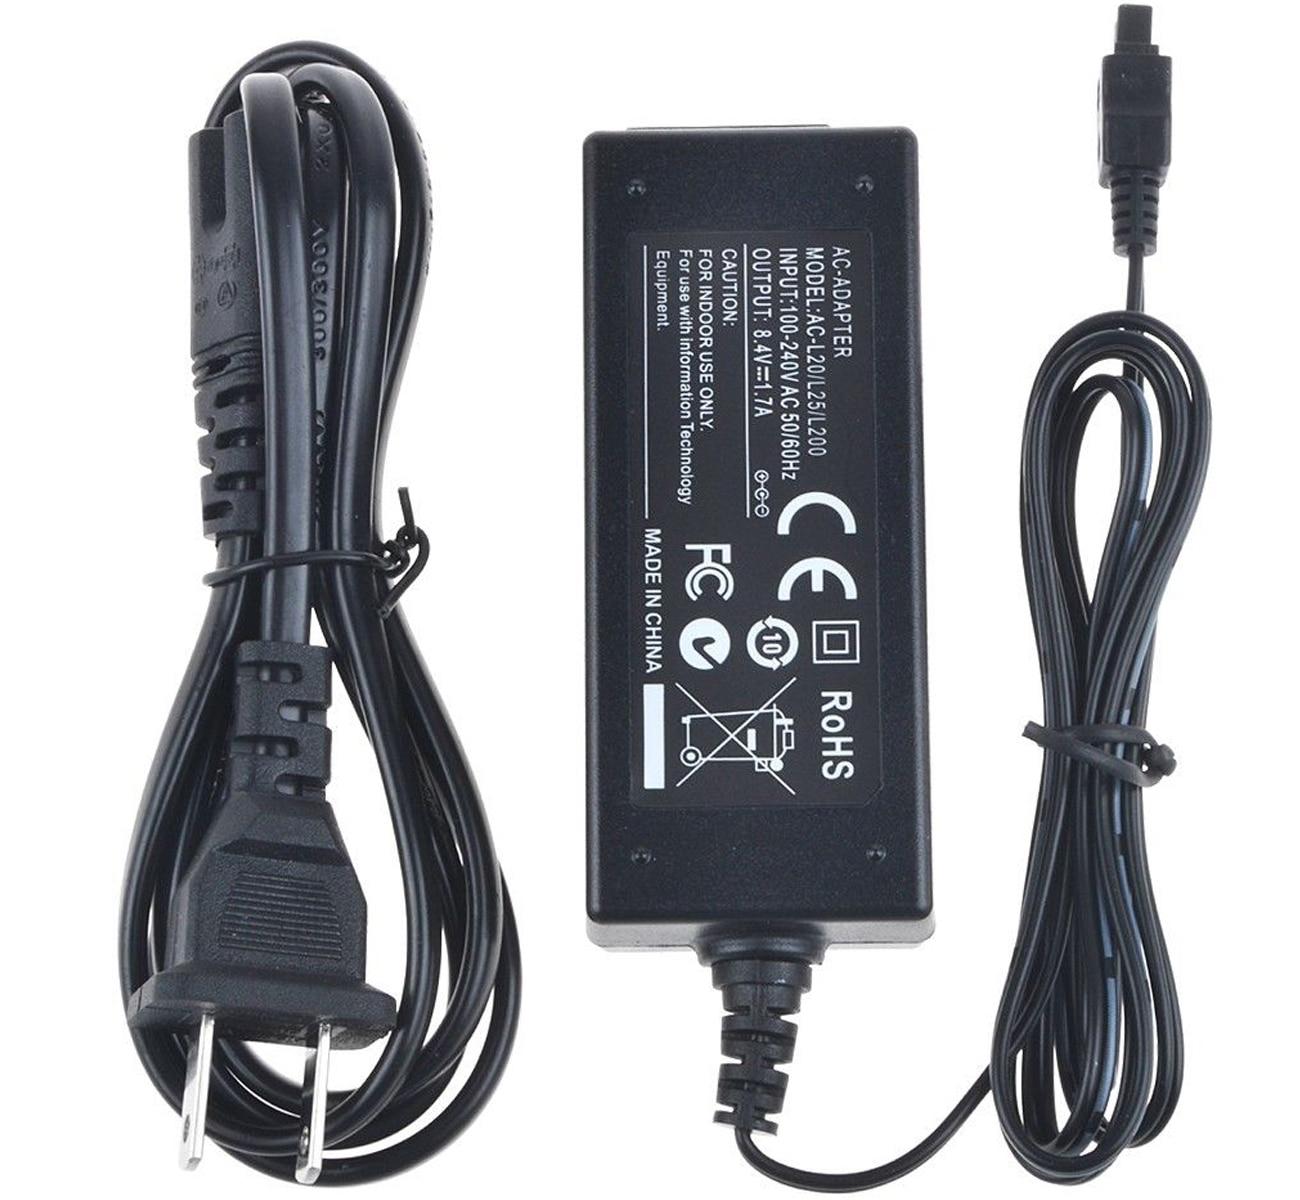 AC Battery Power Charger Adapter For Sony Camcorder DCR-SR67 E DCR-SR68 E